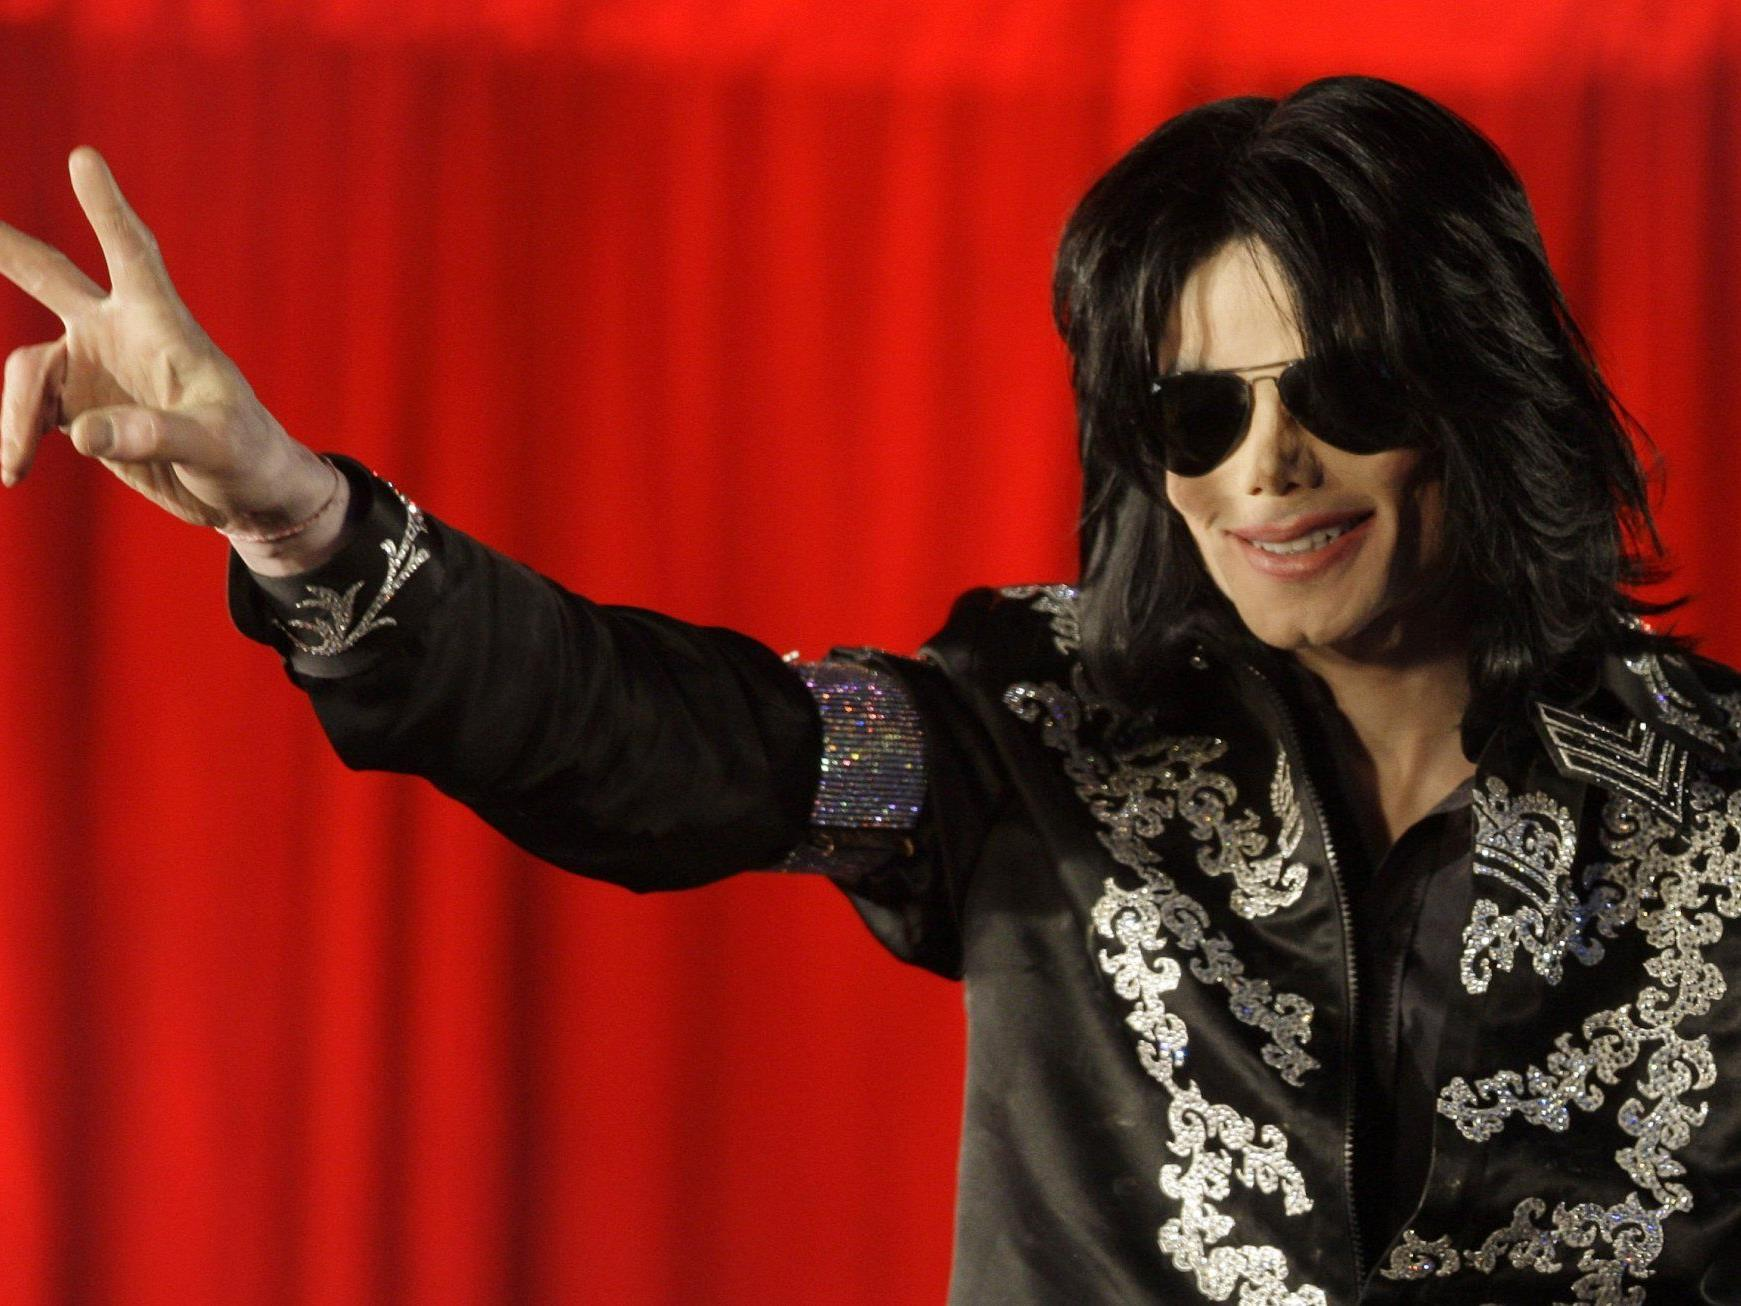 Der King of Pop starb im Juni 2009 an einer Überdosis des Narkosemittels Propofol.